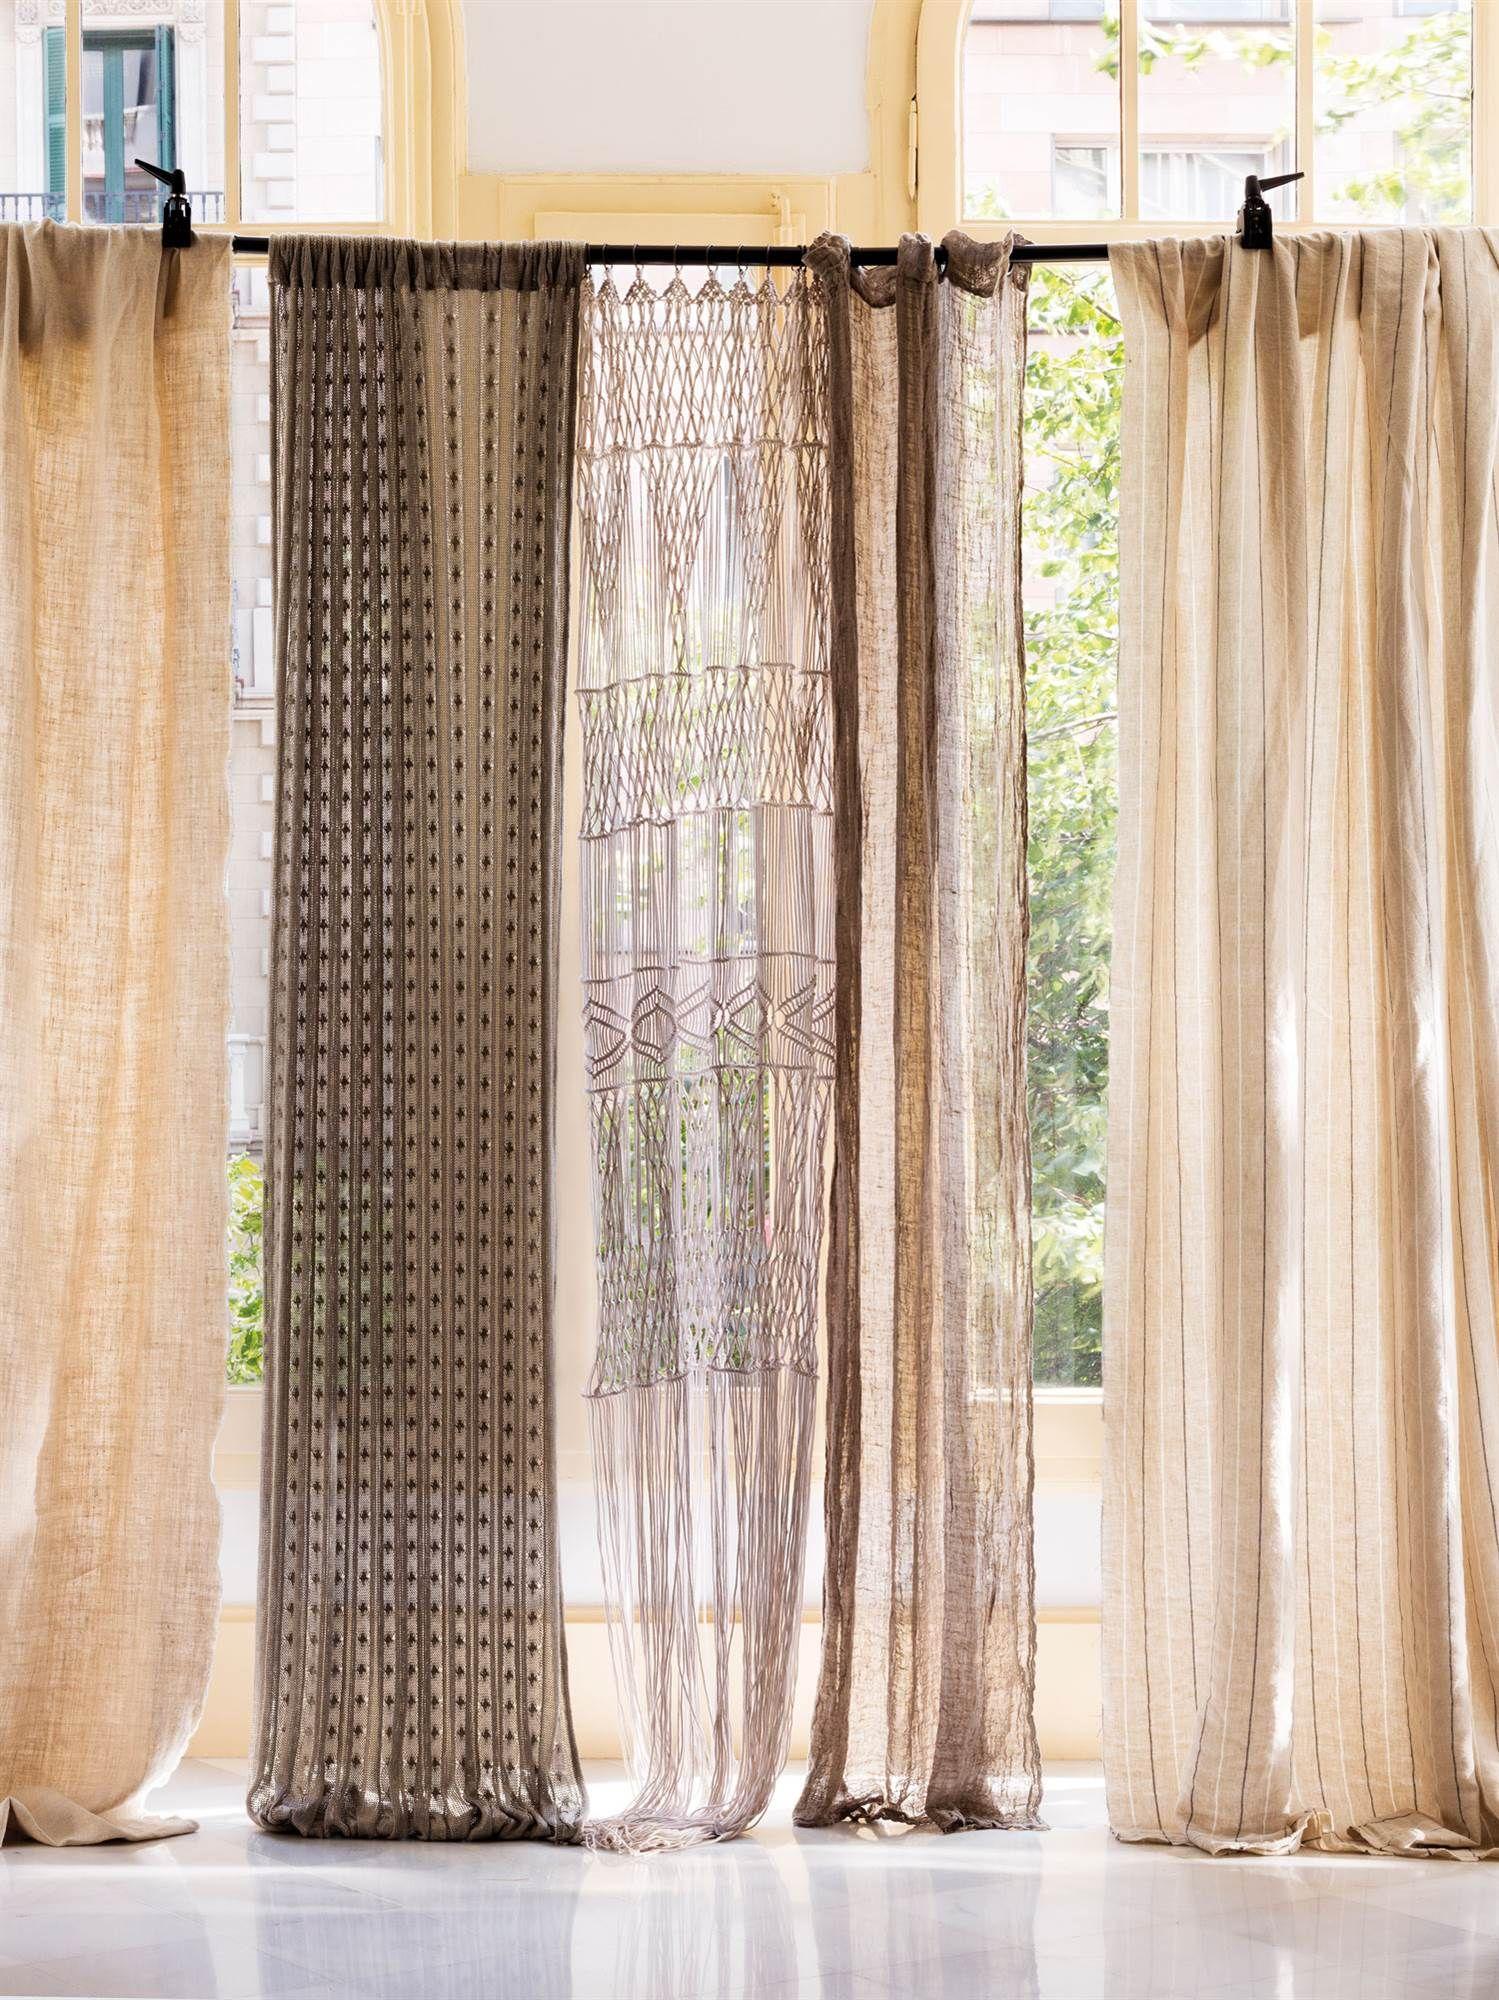 Muestras de distintos tipos de telas para cortinas 00469077 pinterest - Tipos de cortinas ...